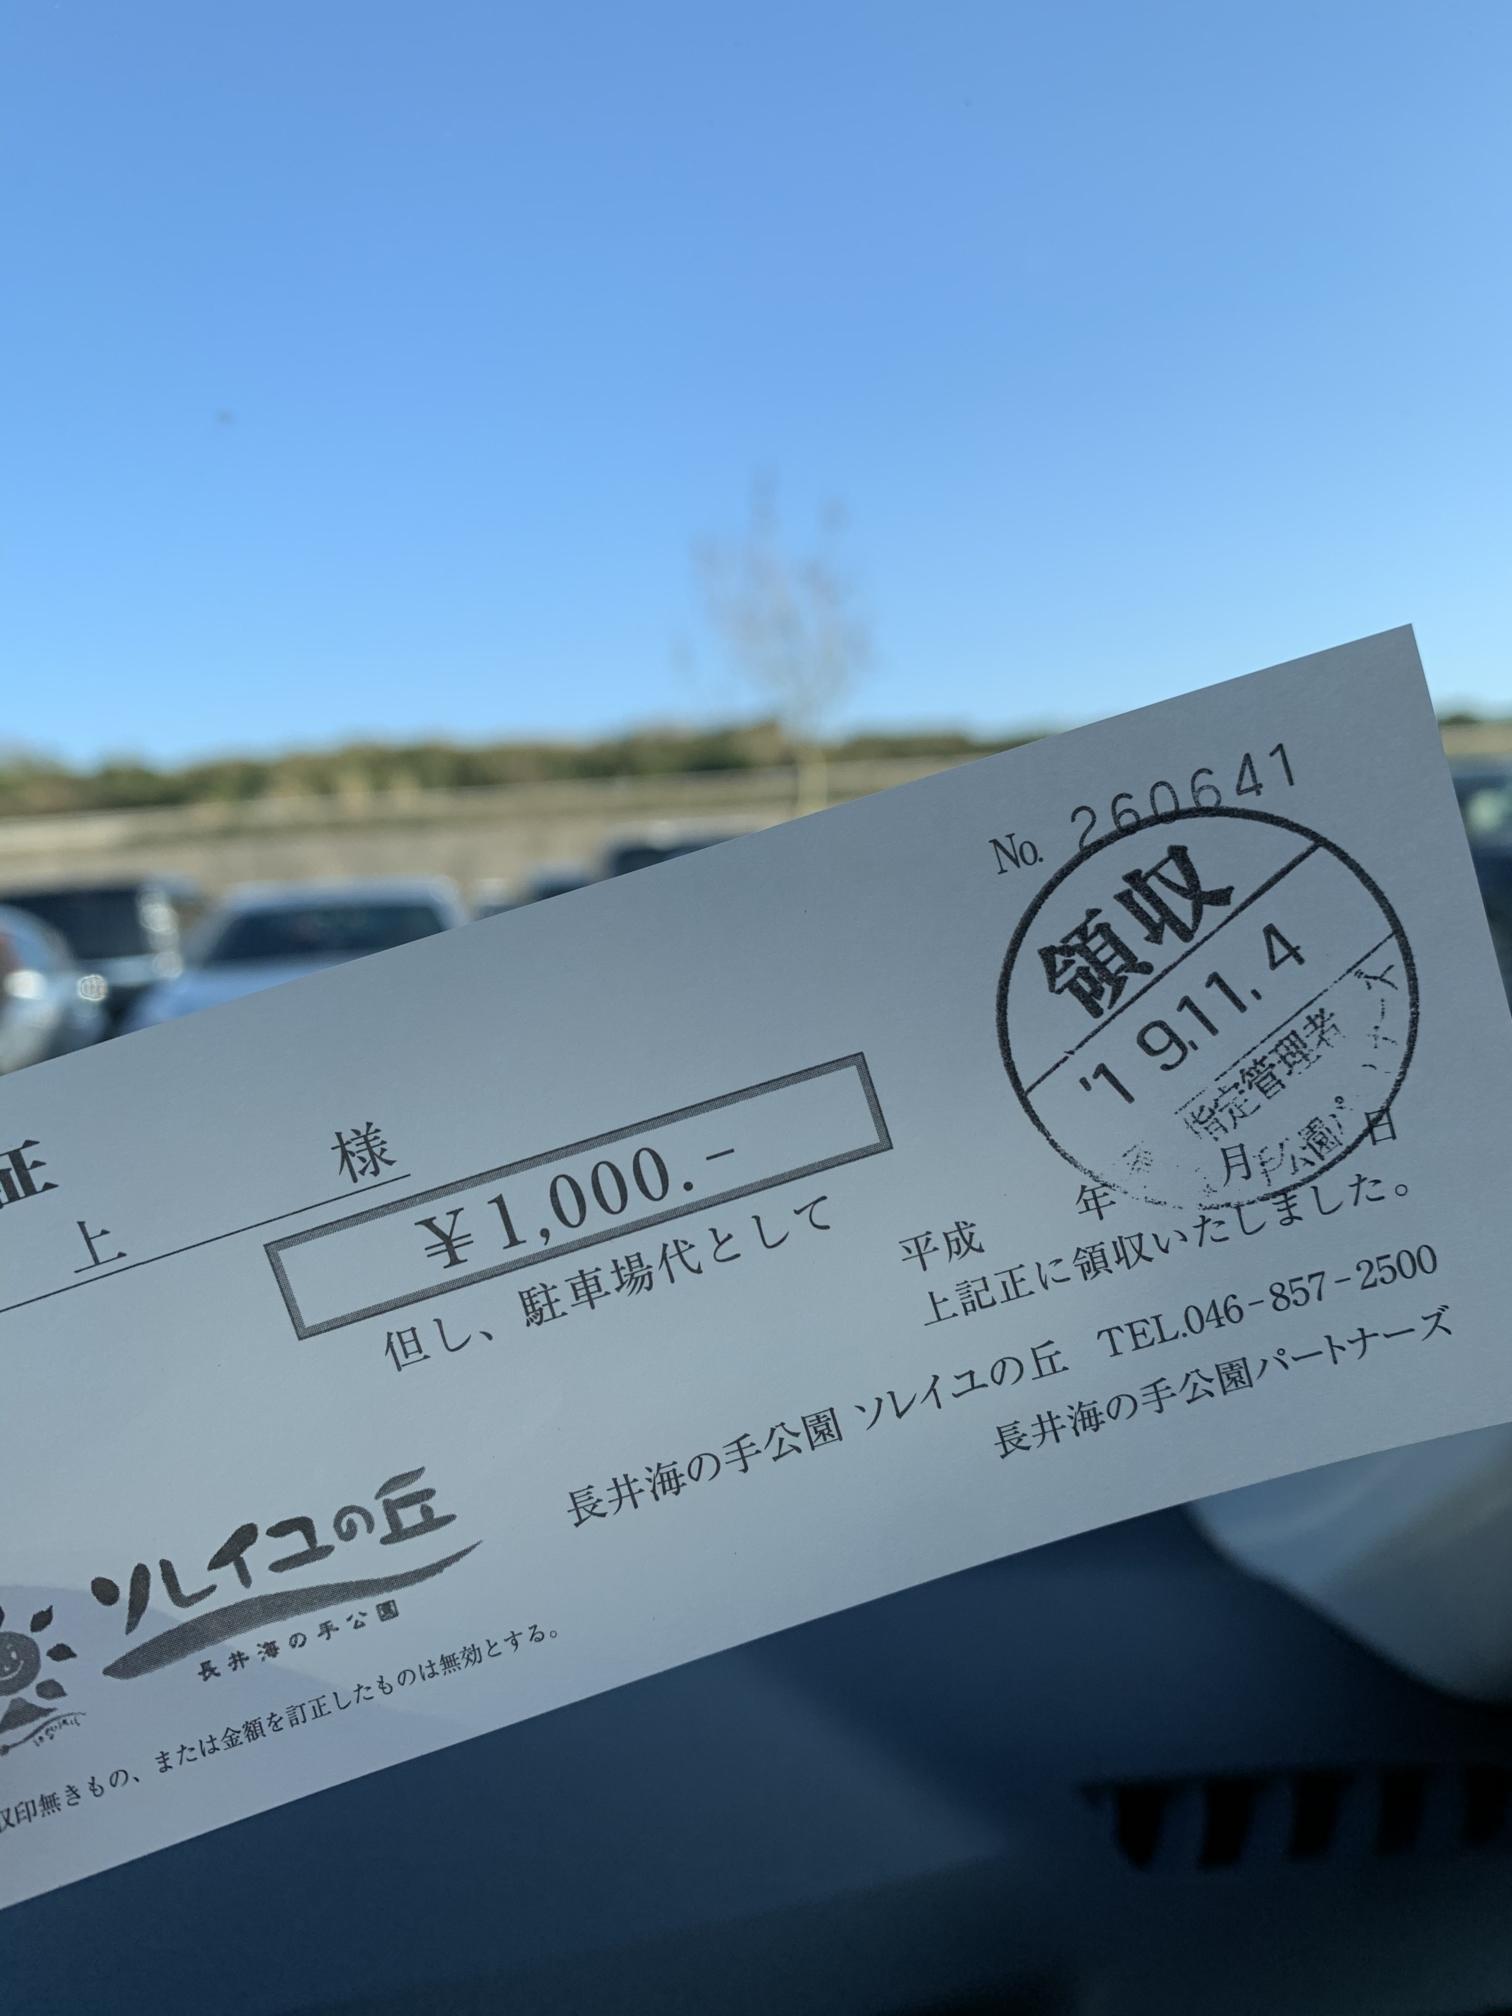 ソレイユの丘の駐車料金は1000円